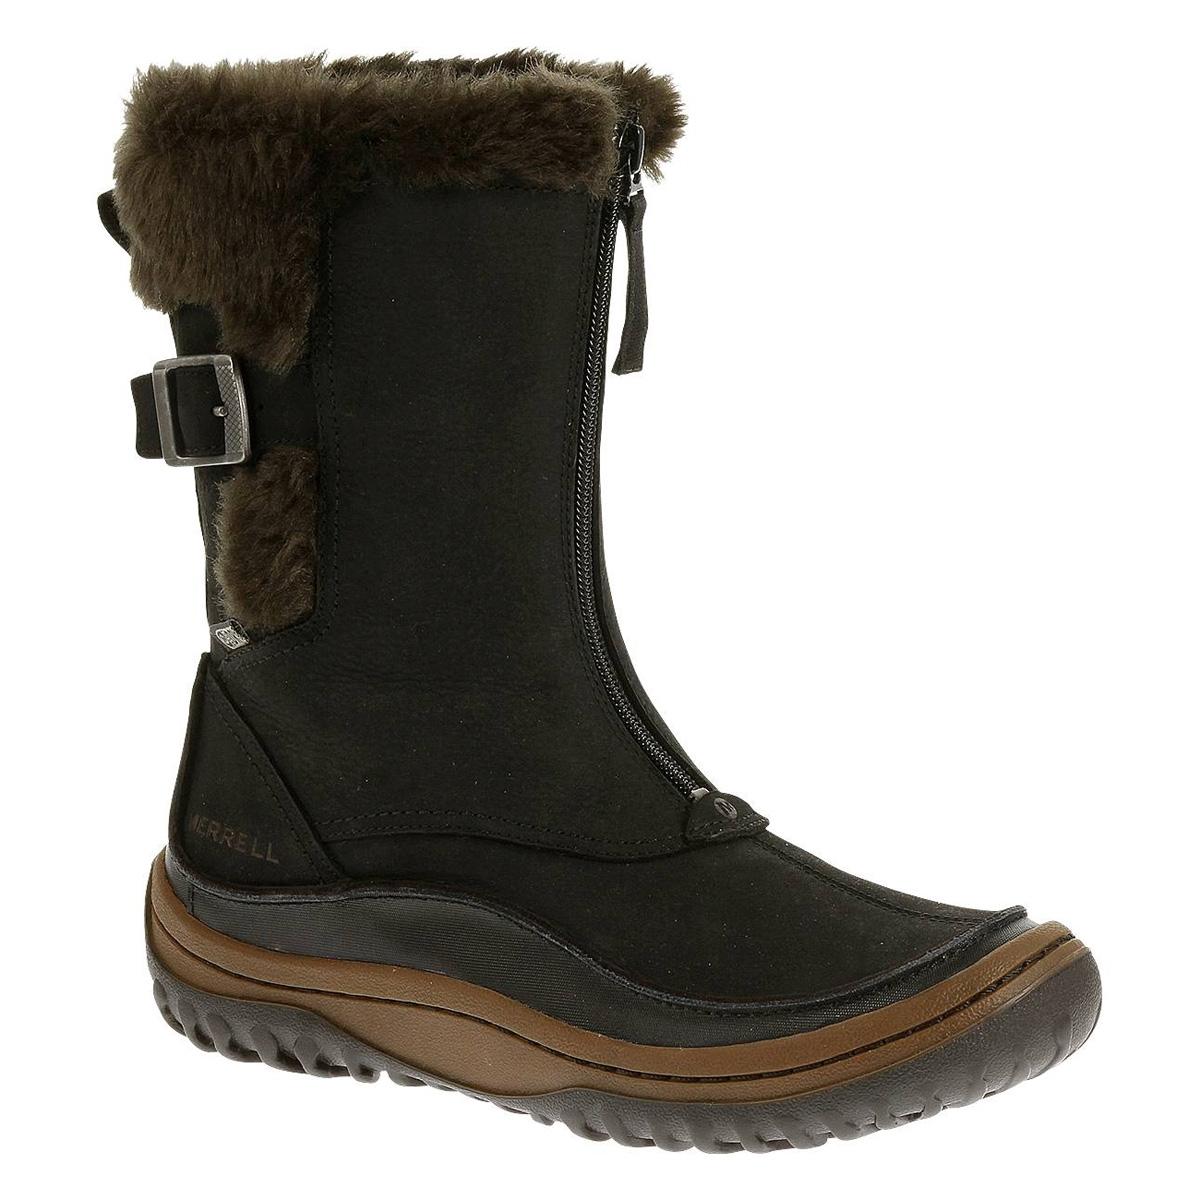 kengät halvalla myynti verkossa uskomattomia hintoja Merrell Decora Motif Waterproof Winter Boots (Women's) - Wild Dove